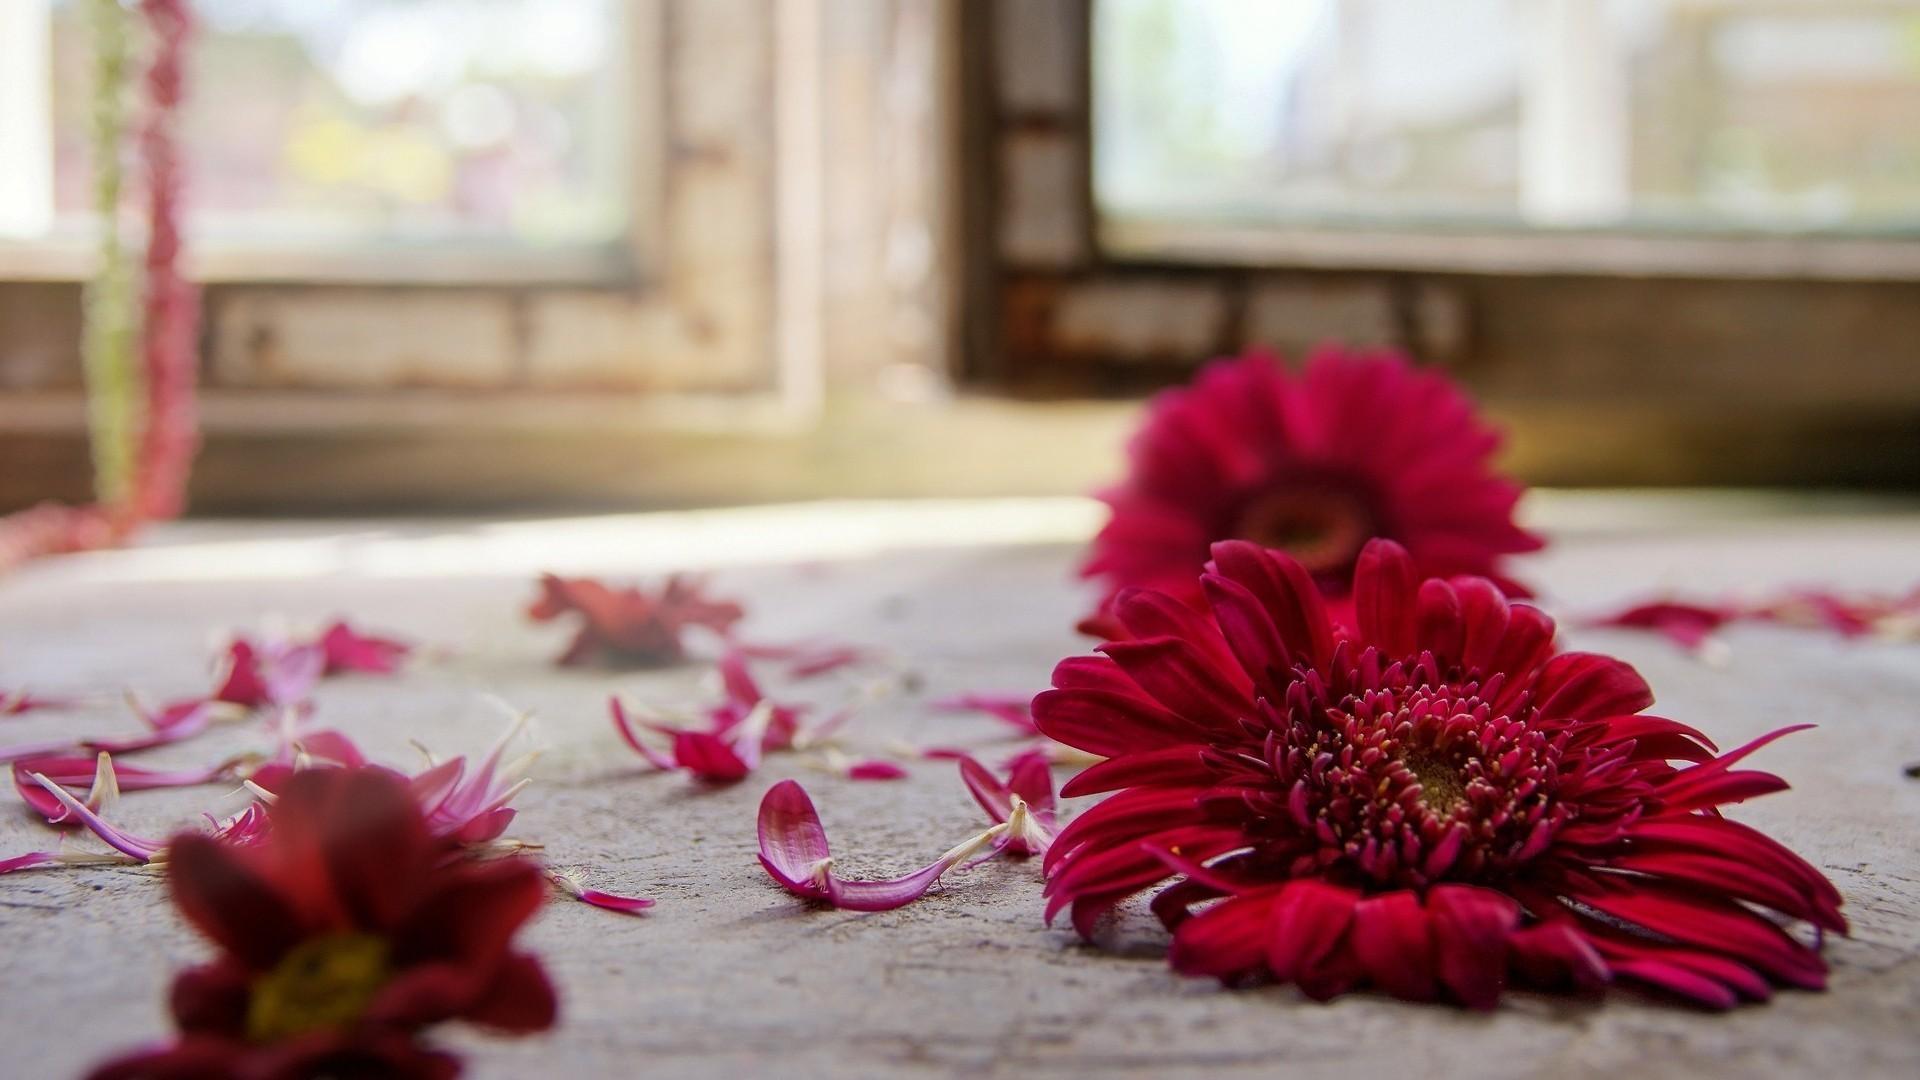 цветы, красные, лепестки анонимно